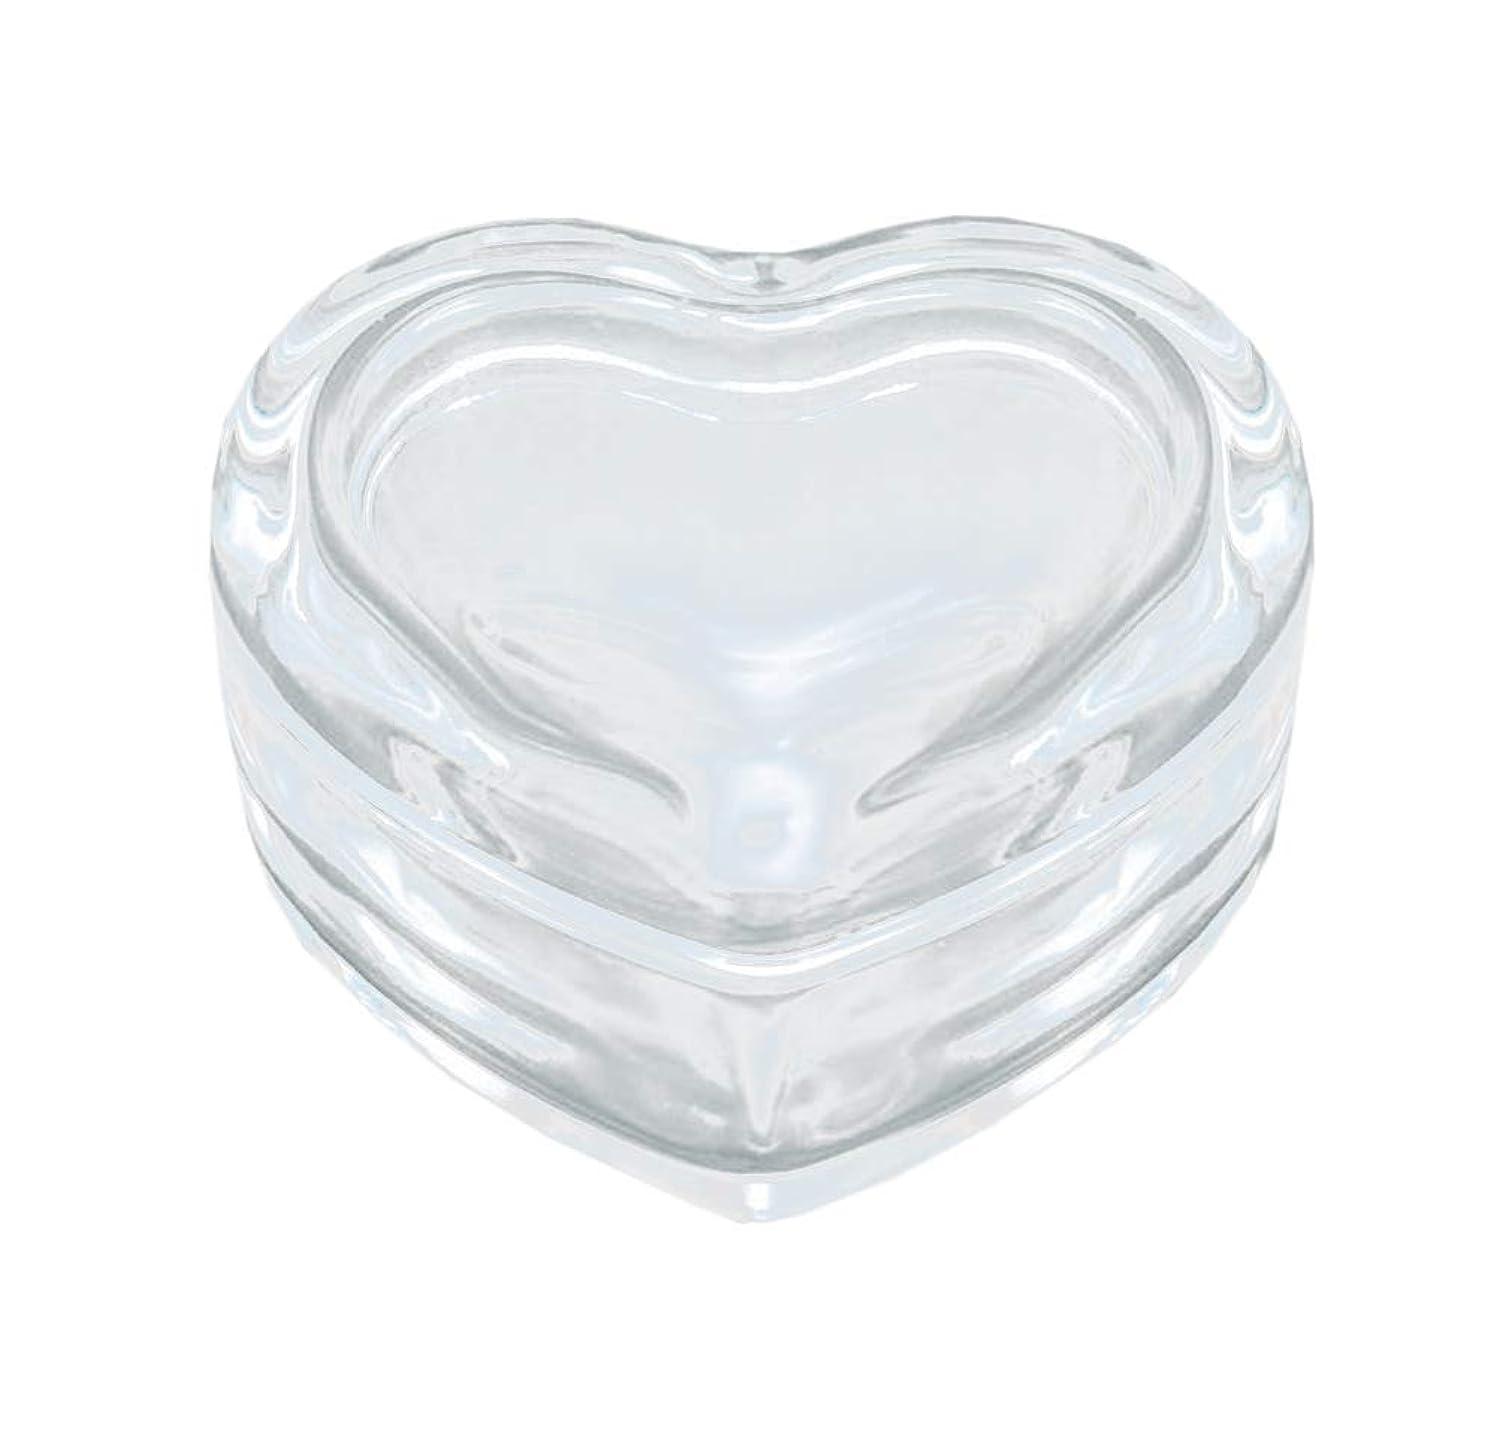 オフマエストロ脱獄東洋佐々木ガラス 置物 クリア 約8.4×7.6×4.7cm 蓋物 ミニハート 日本製 DT100